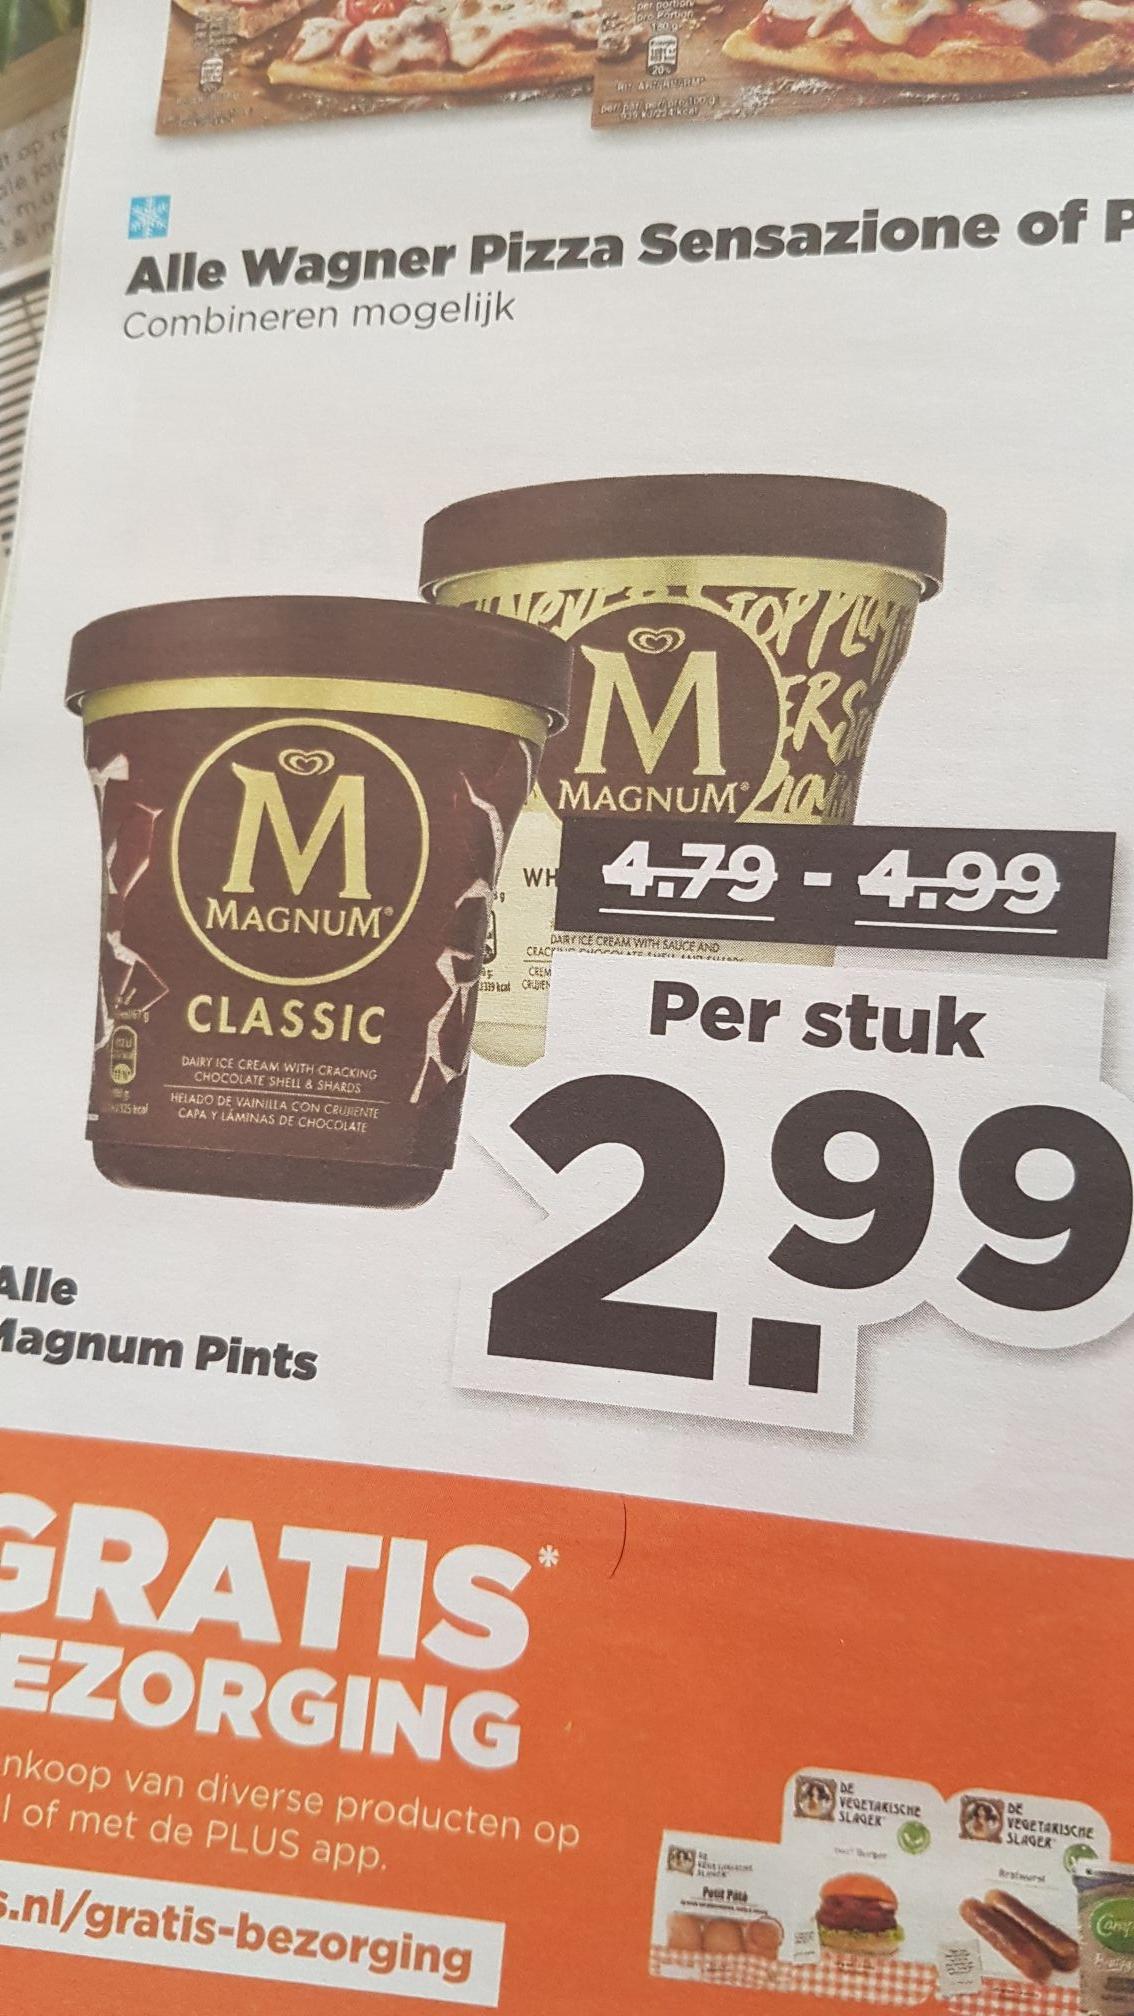 Magnum pints 2,99 plus